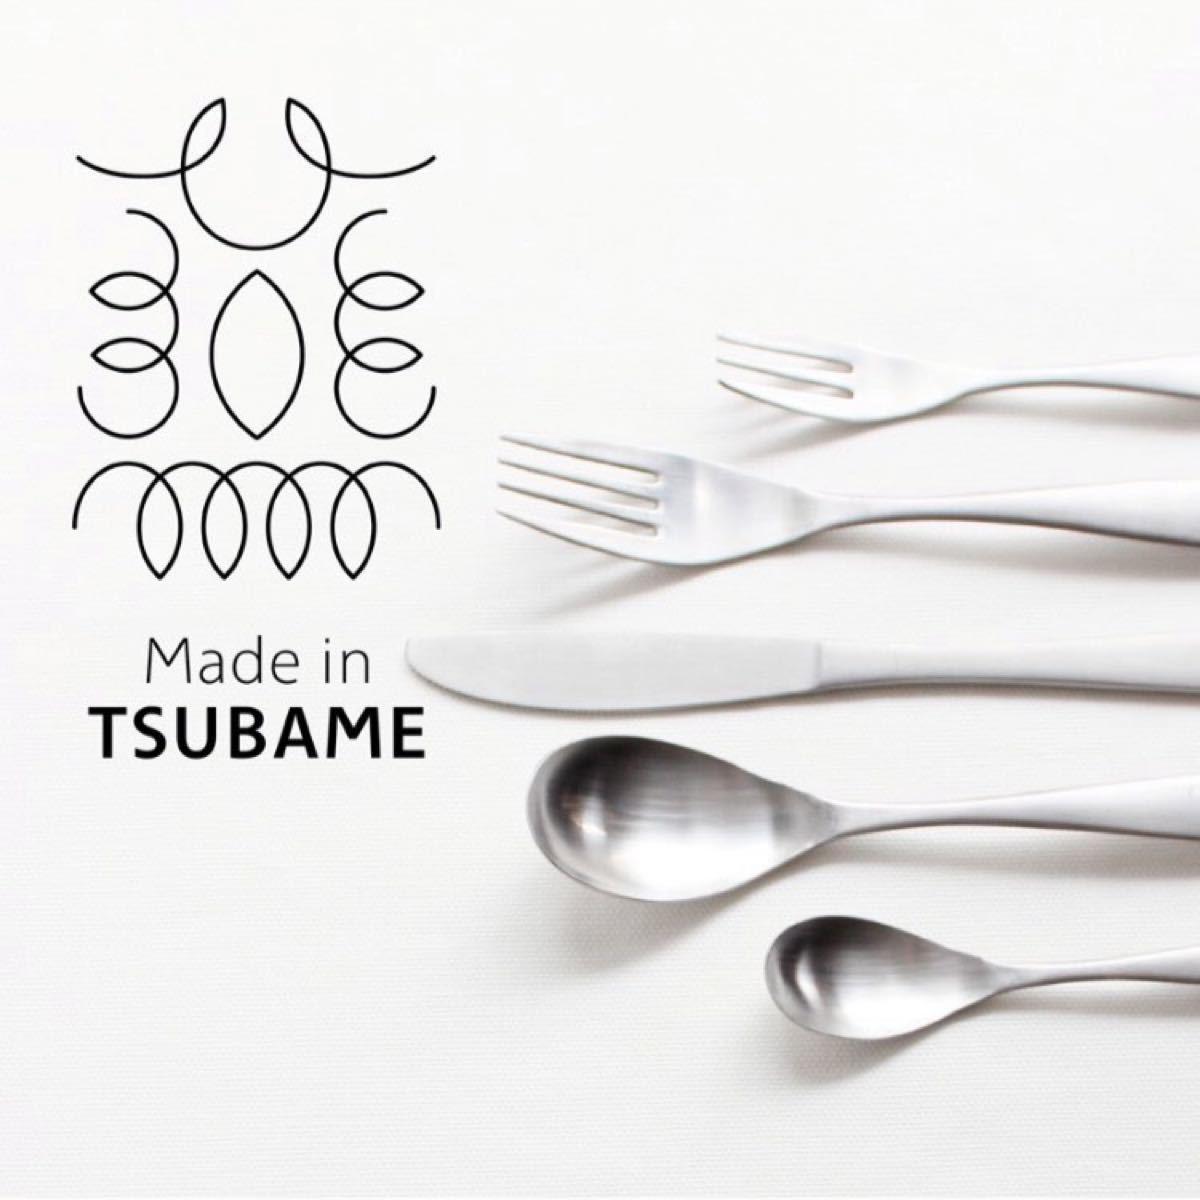 ツバメカトラリー 7点セット フォーク大&ナイフ&スプーン大&バターナイフ 新品未使用 made in tsubame 燕